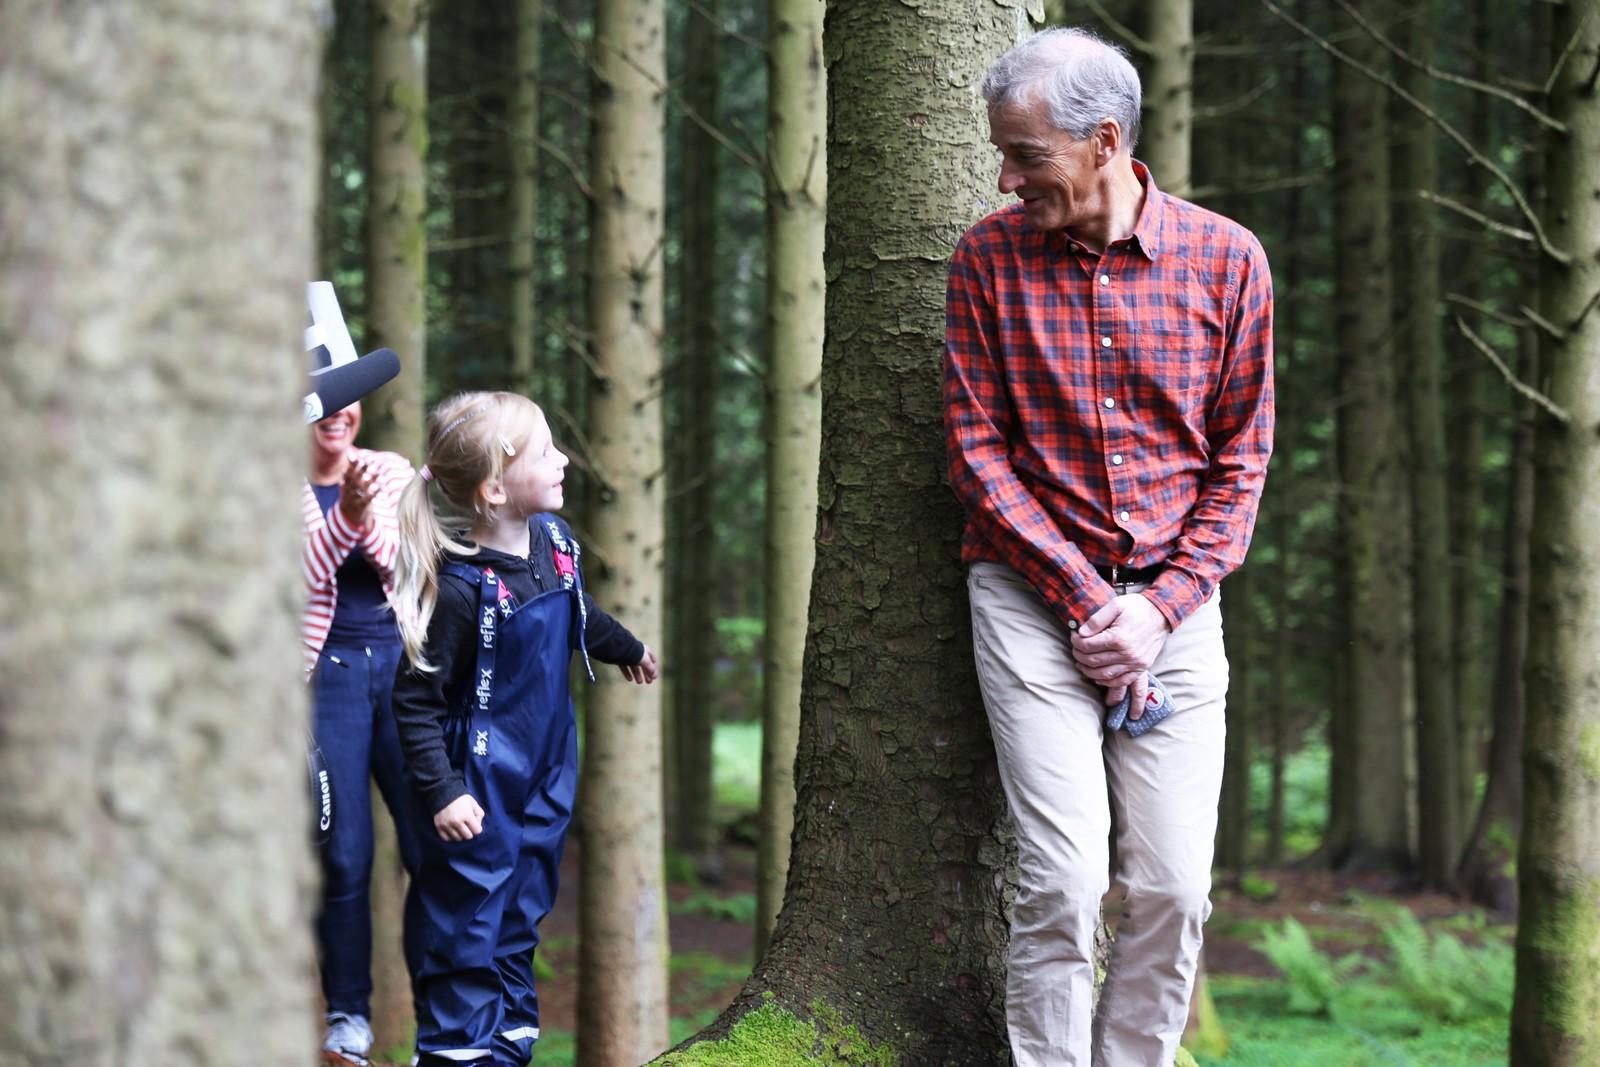 Jonas Gahr Støre lekte gjemsel med barn fra studentbarnehagen i Djupadalen i Haugesund. Treet som Støre står foran ble i forkant døpt til «Jonas-treet».